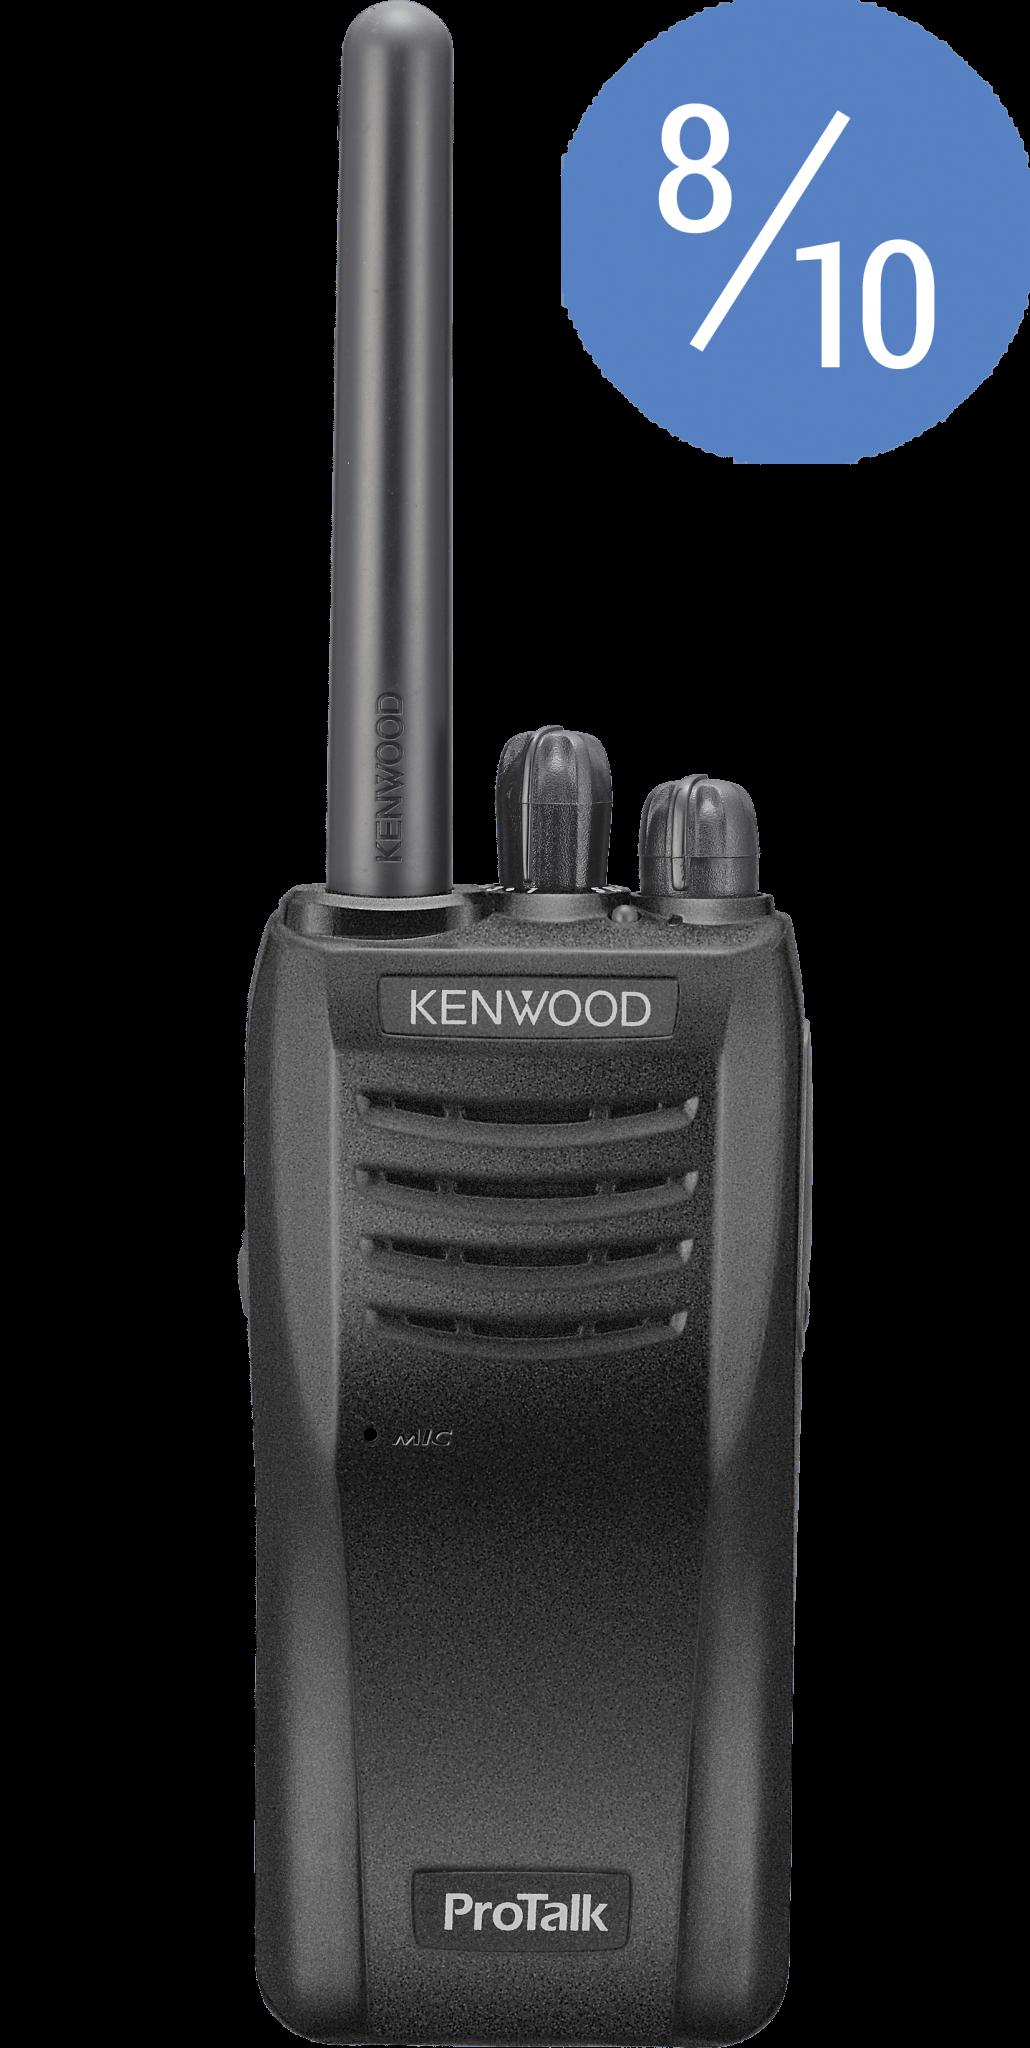 Kenwood TK3501 featured image